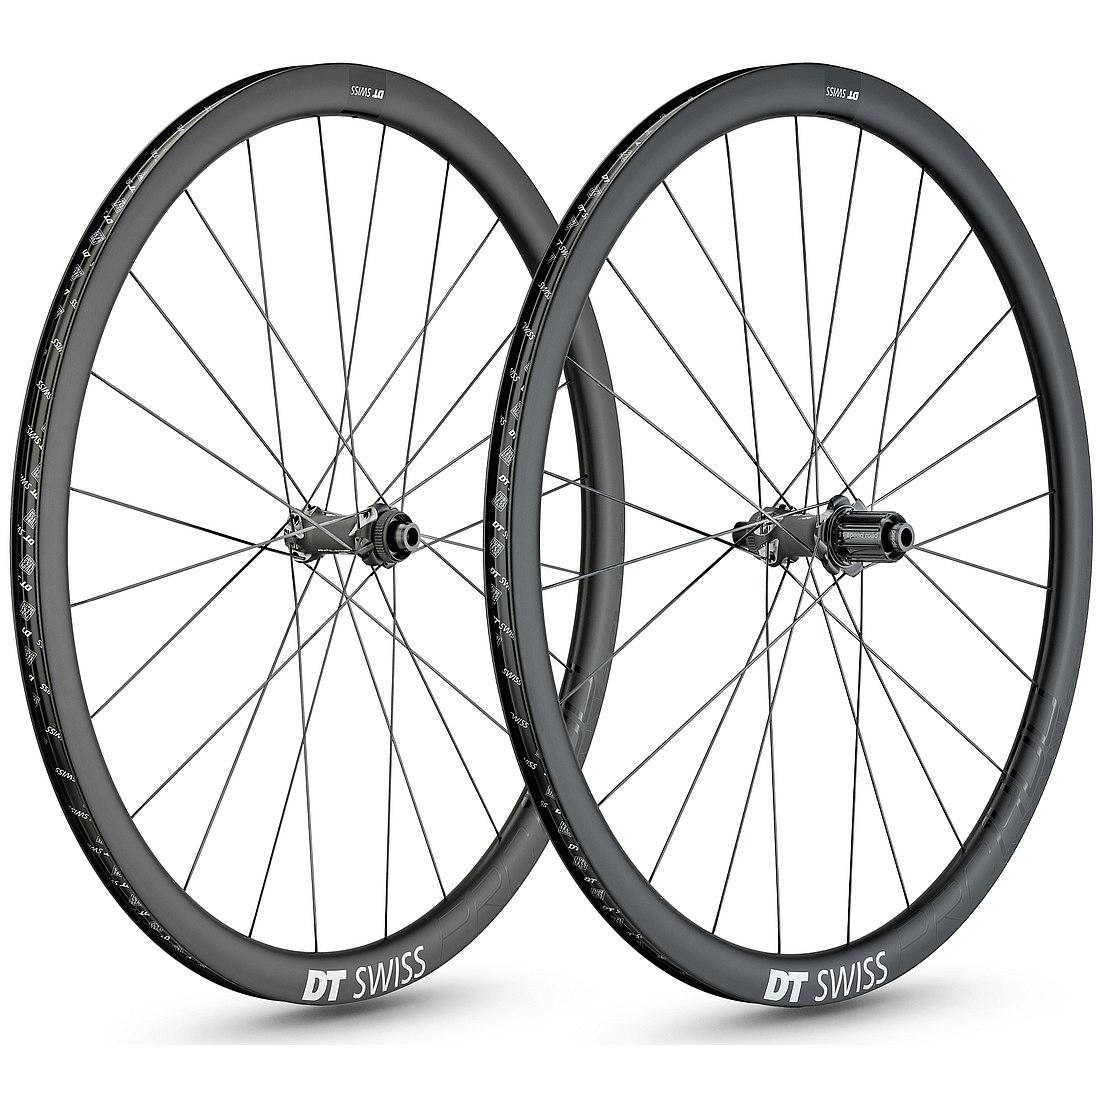 DT Swiss PRC 1400 Spline 35 Carbon Disc Road Wheelset - 700c